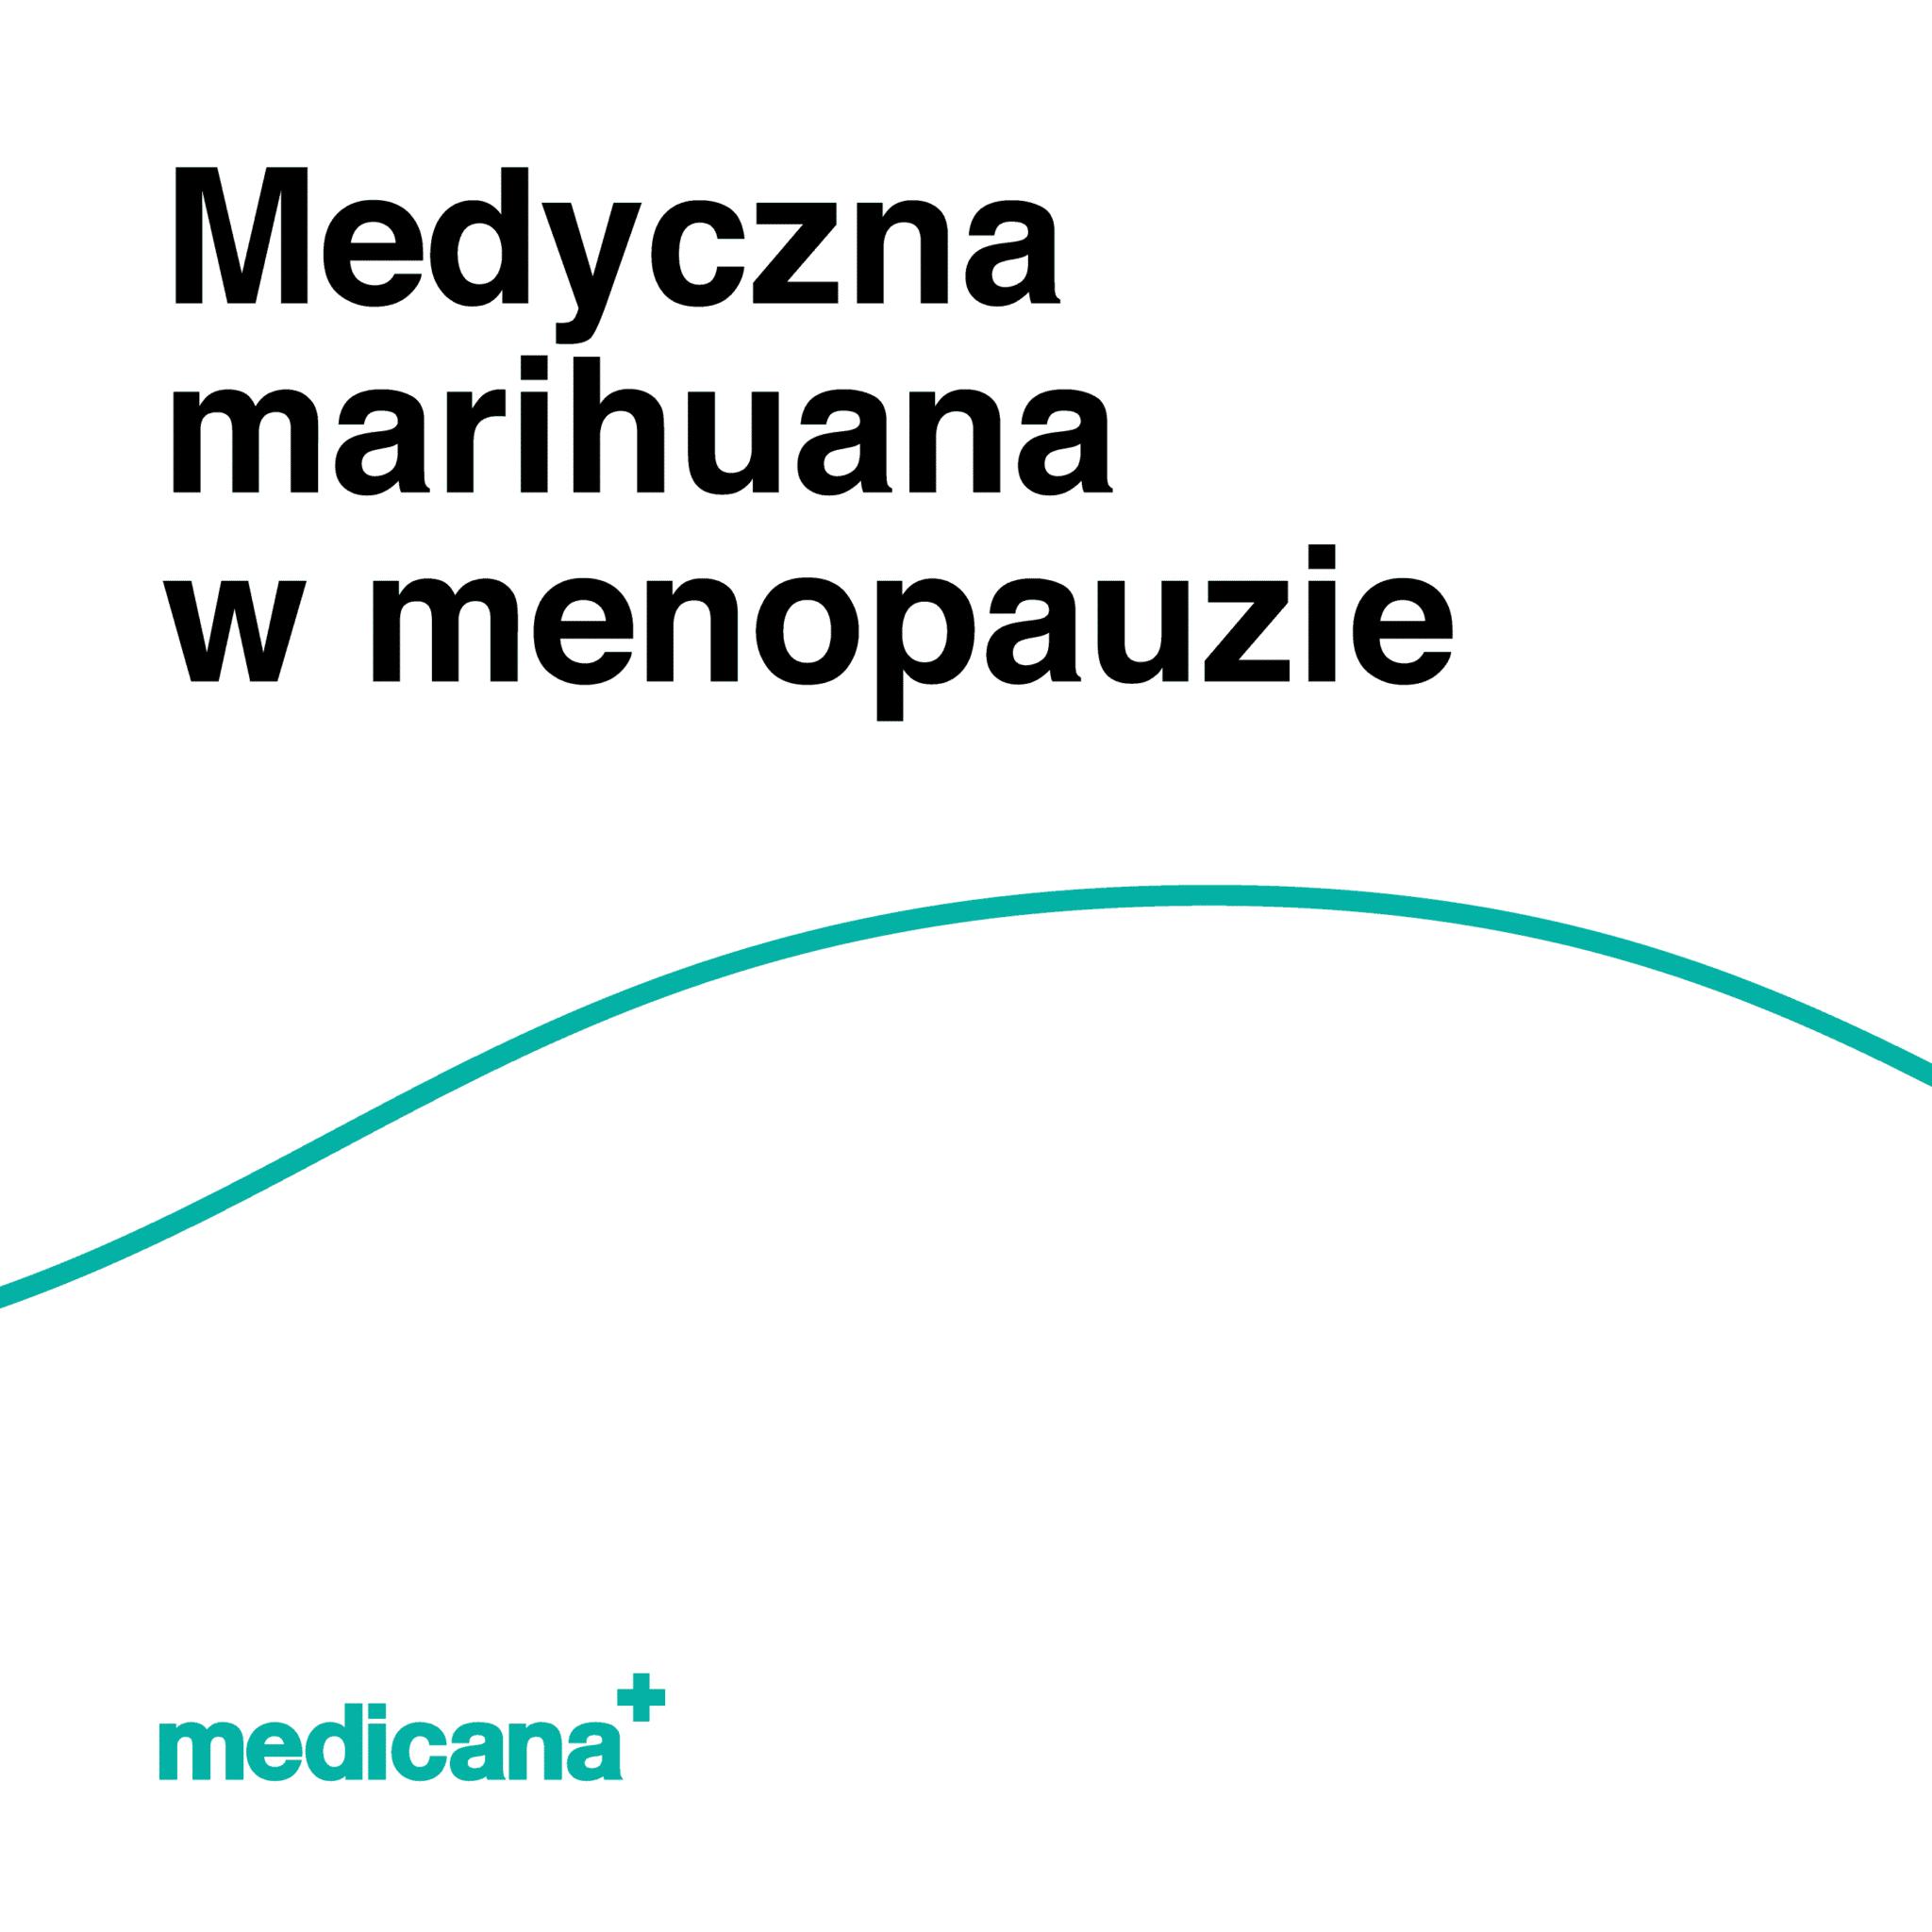 Grafika, białe tło z zieloną linią, czarnym napisem Medyczna marihuana w menopauzie oraz zielonym logo Medicana w lewym dolnym rogu.